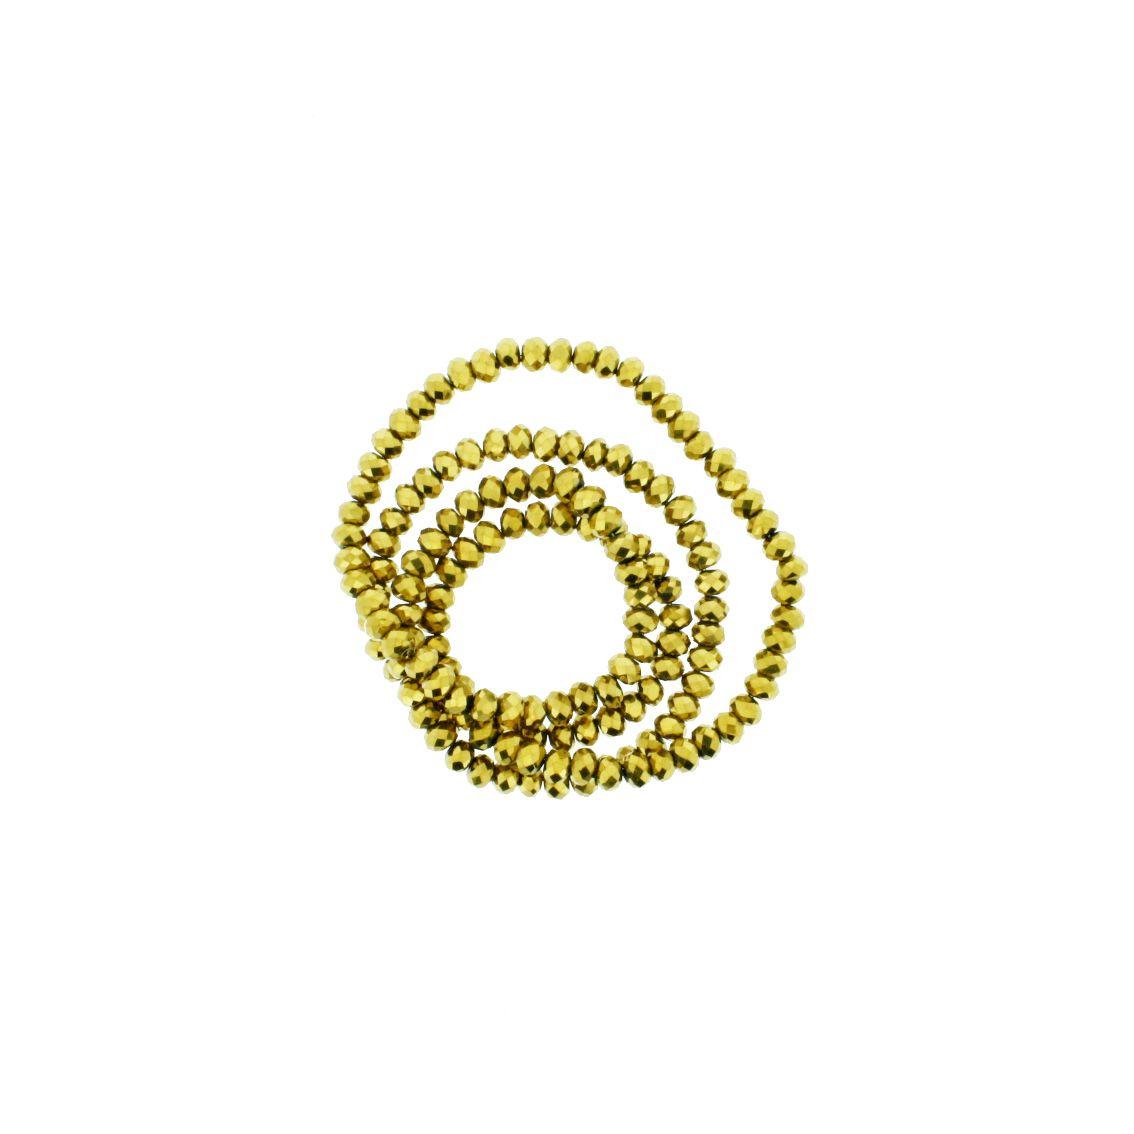 Fio de Cristal - Flat® - Dourado - 4mm  - Stéphanie Bijoux® - Peças para Bijuterias e Artesanato